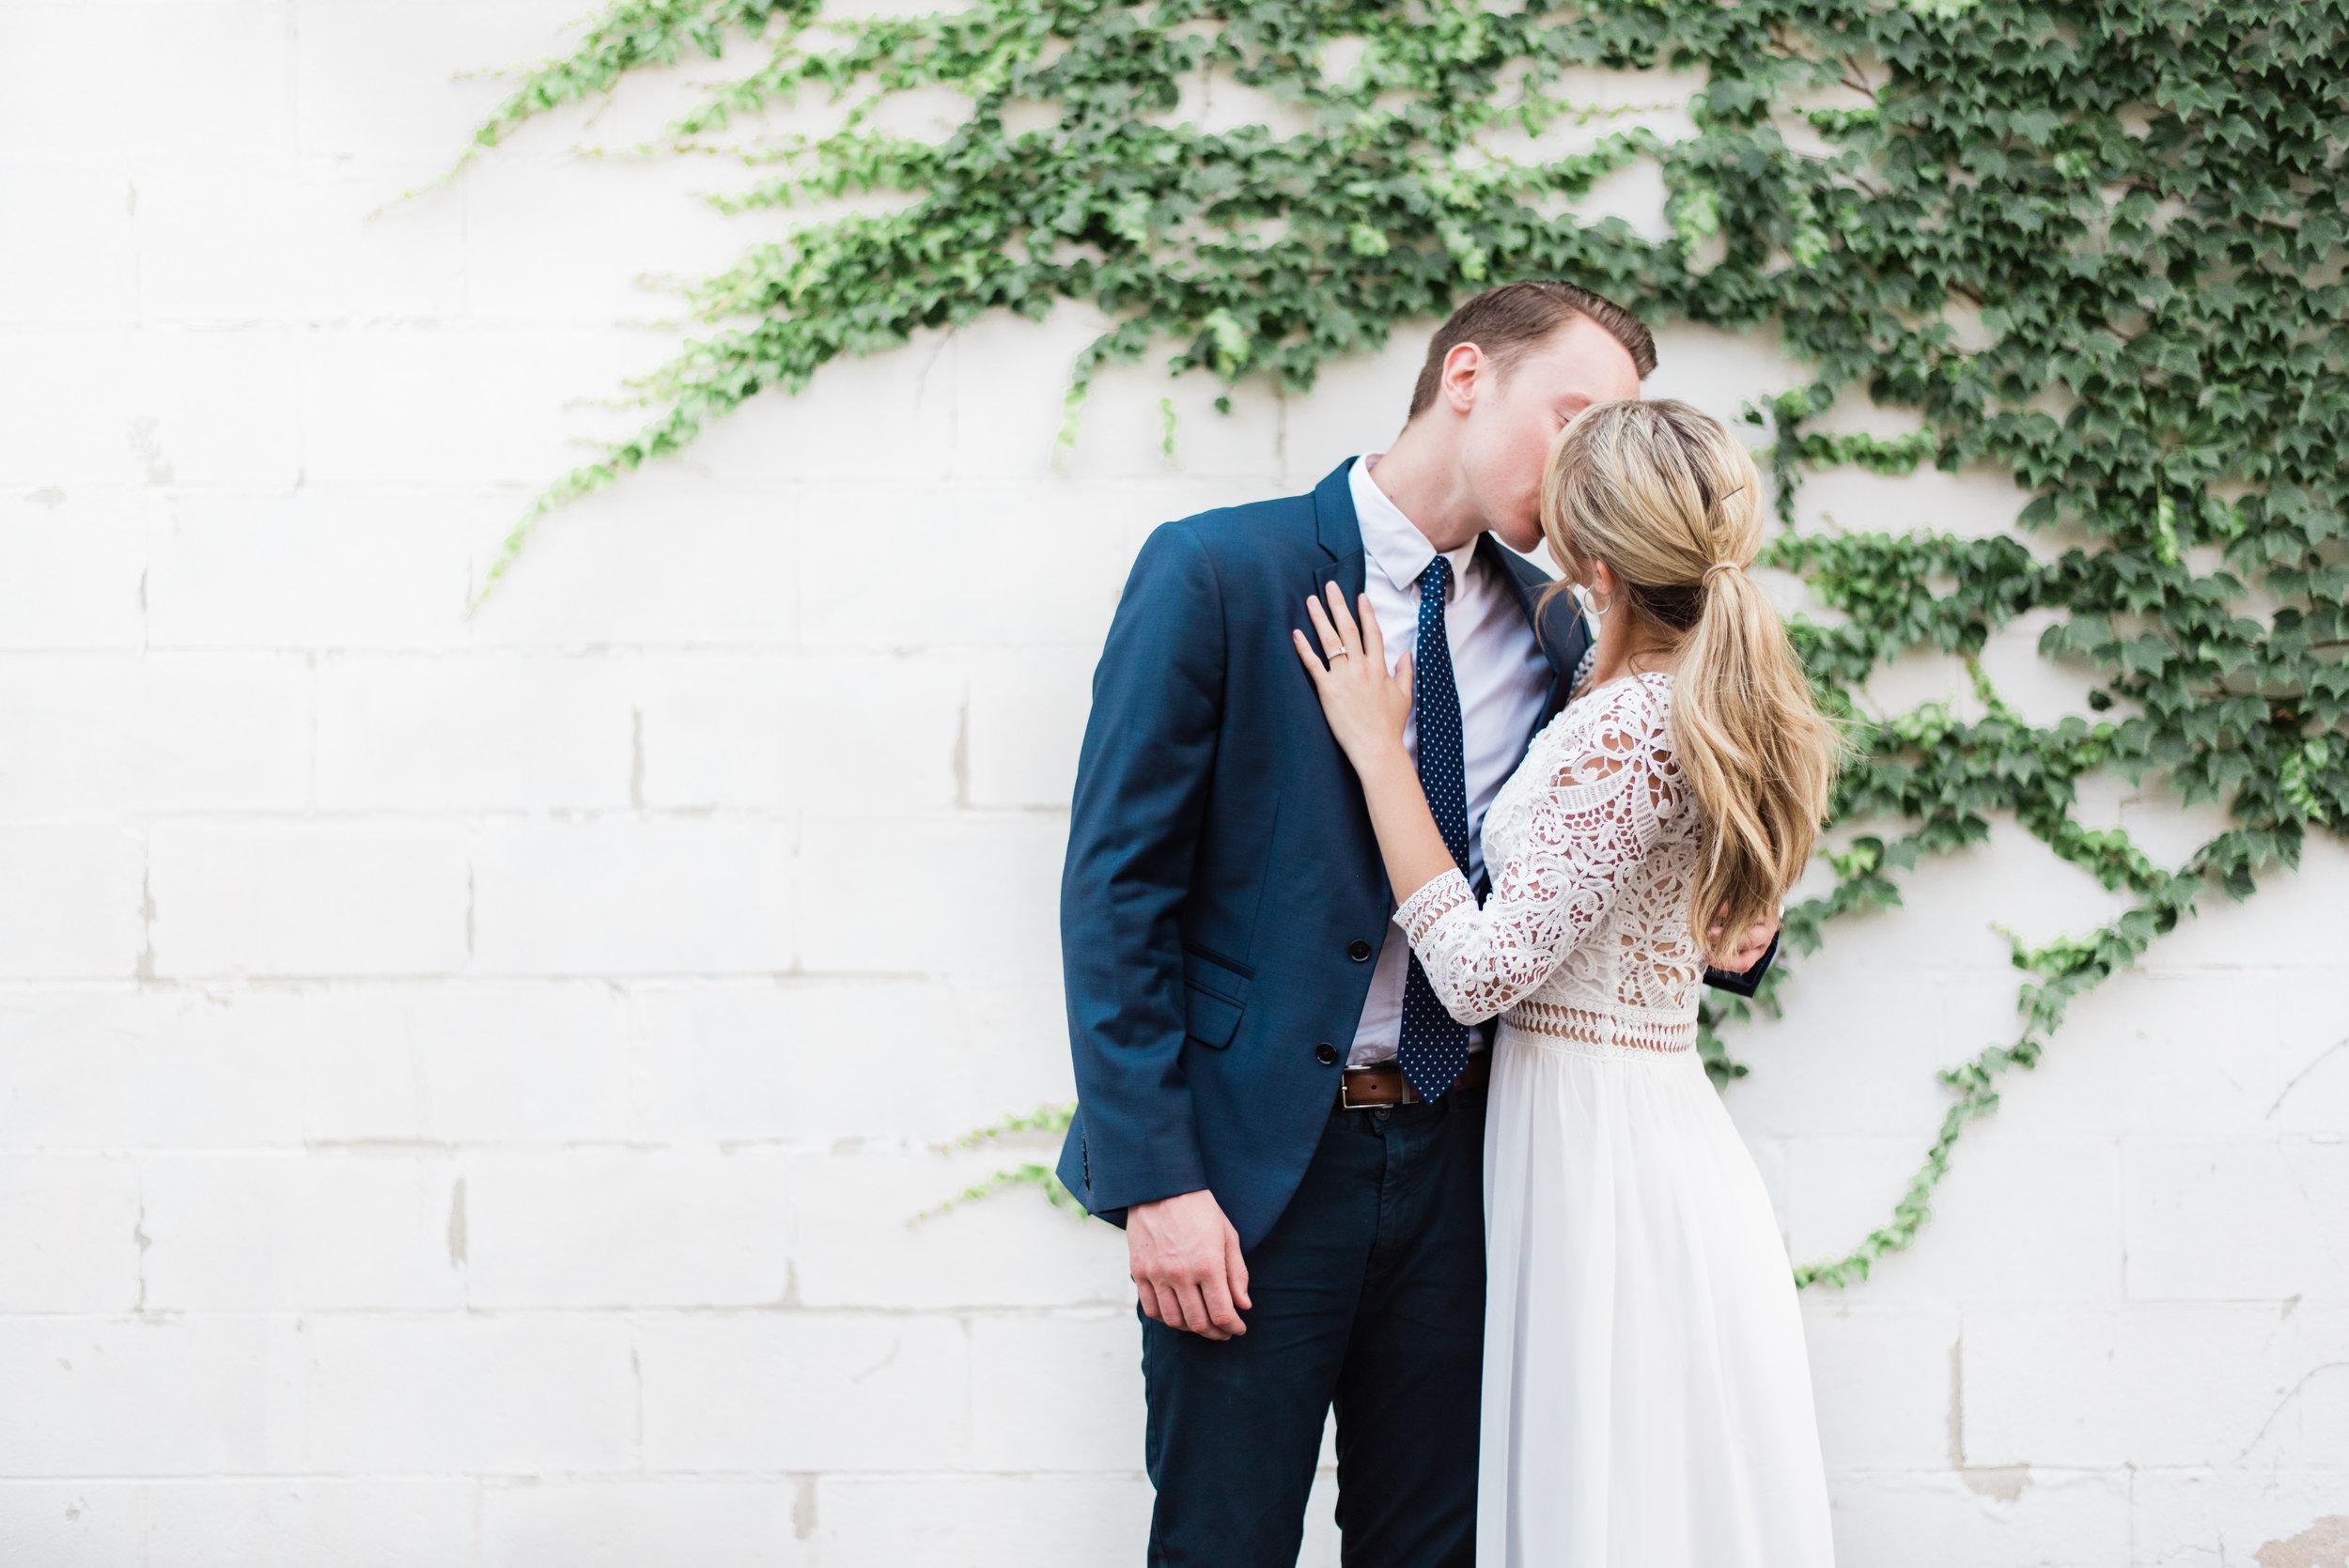 BrookeKeagan_Engaged_wedding_1969.jpg